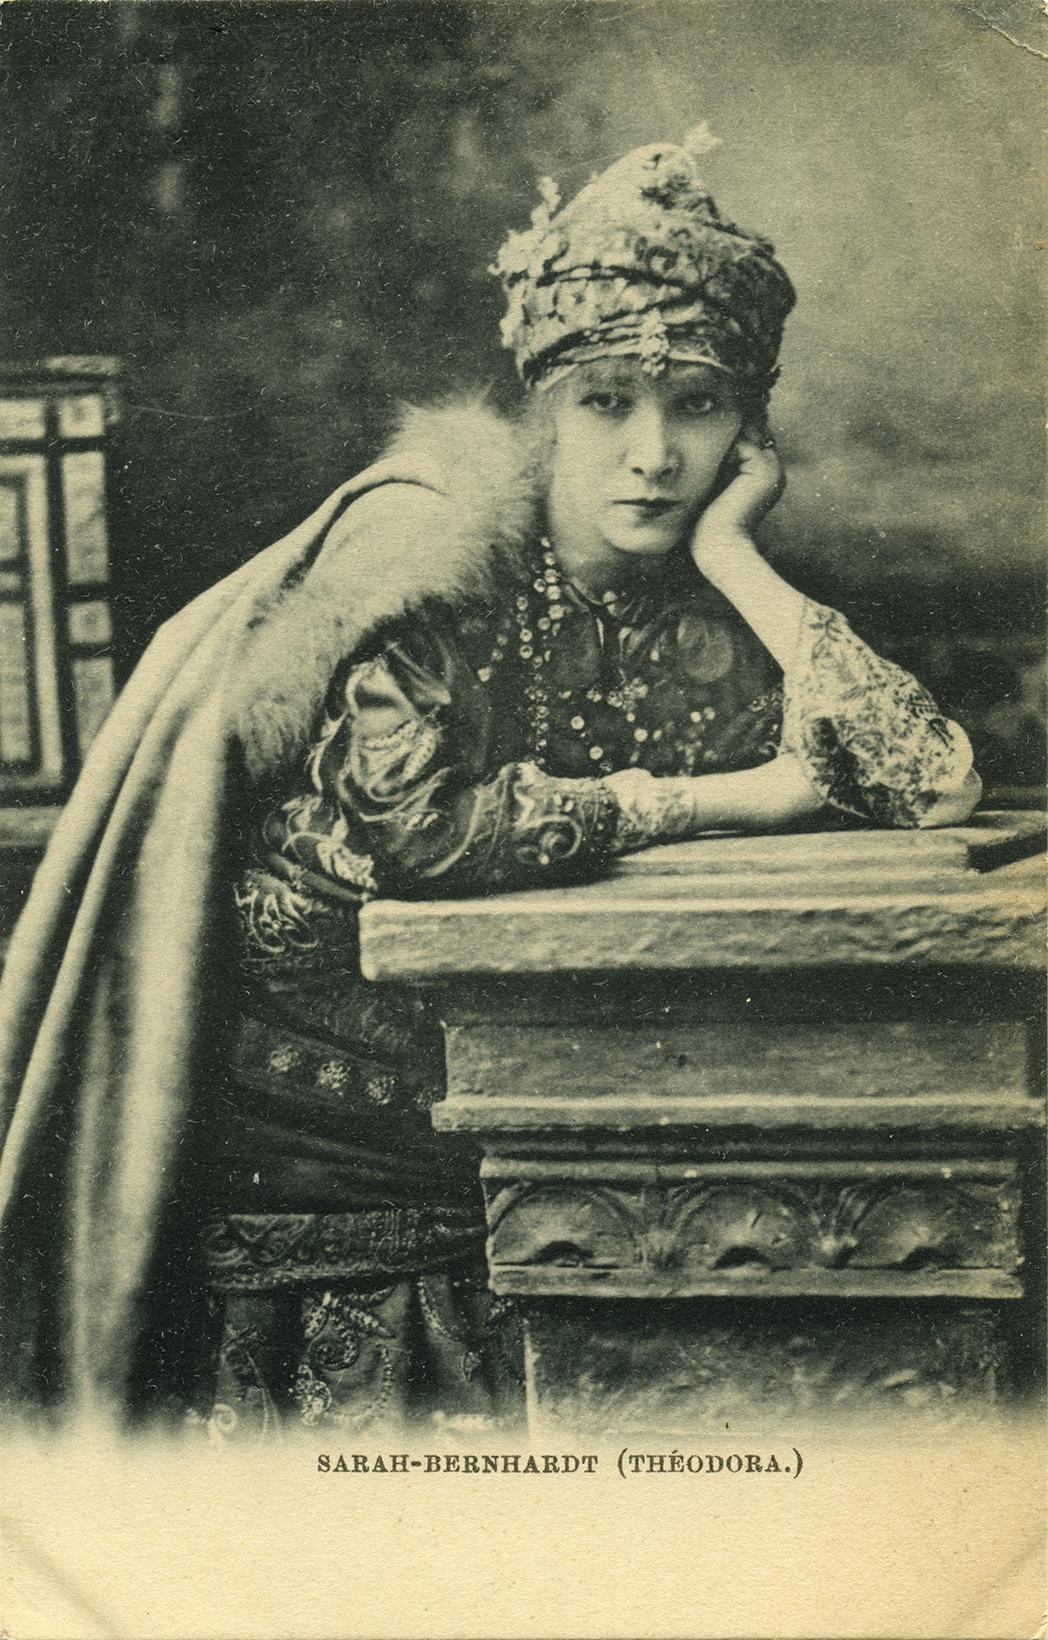 Sarah Bernhardt photograph